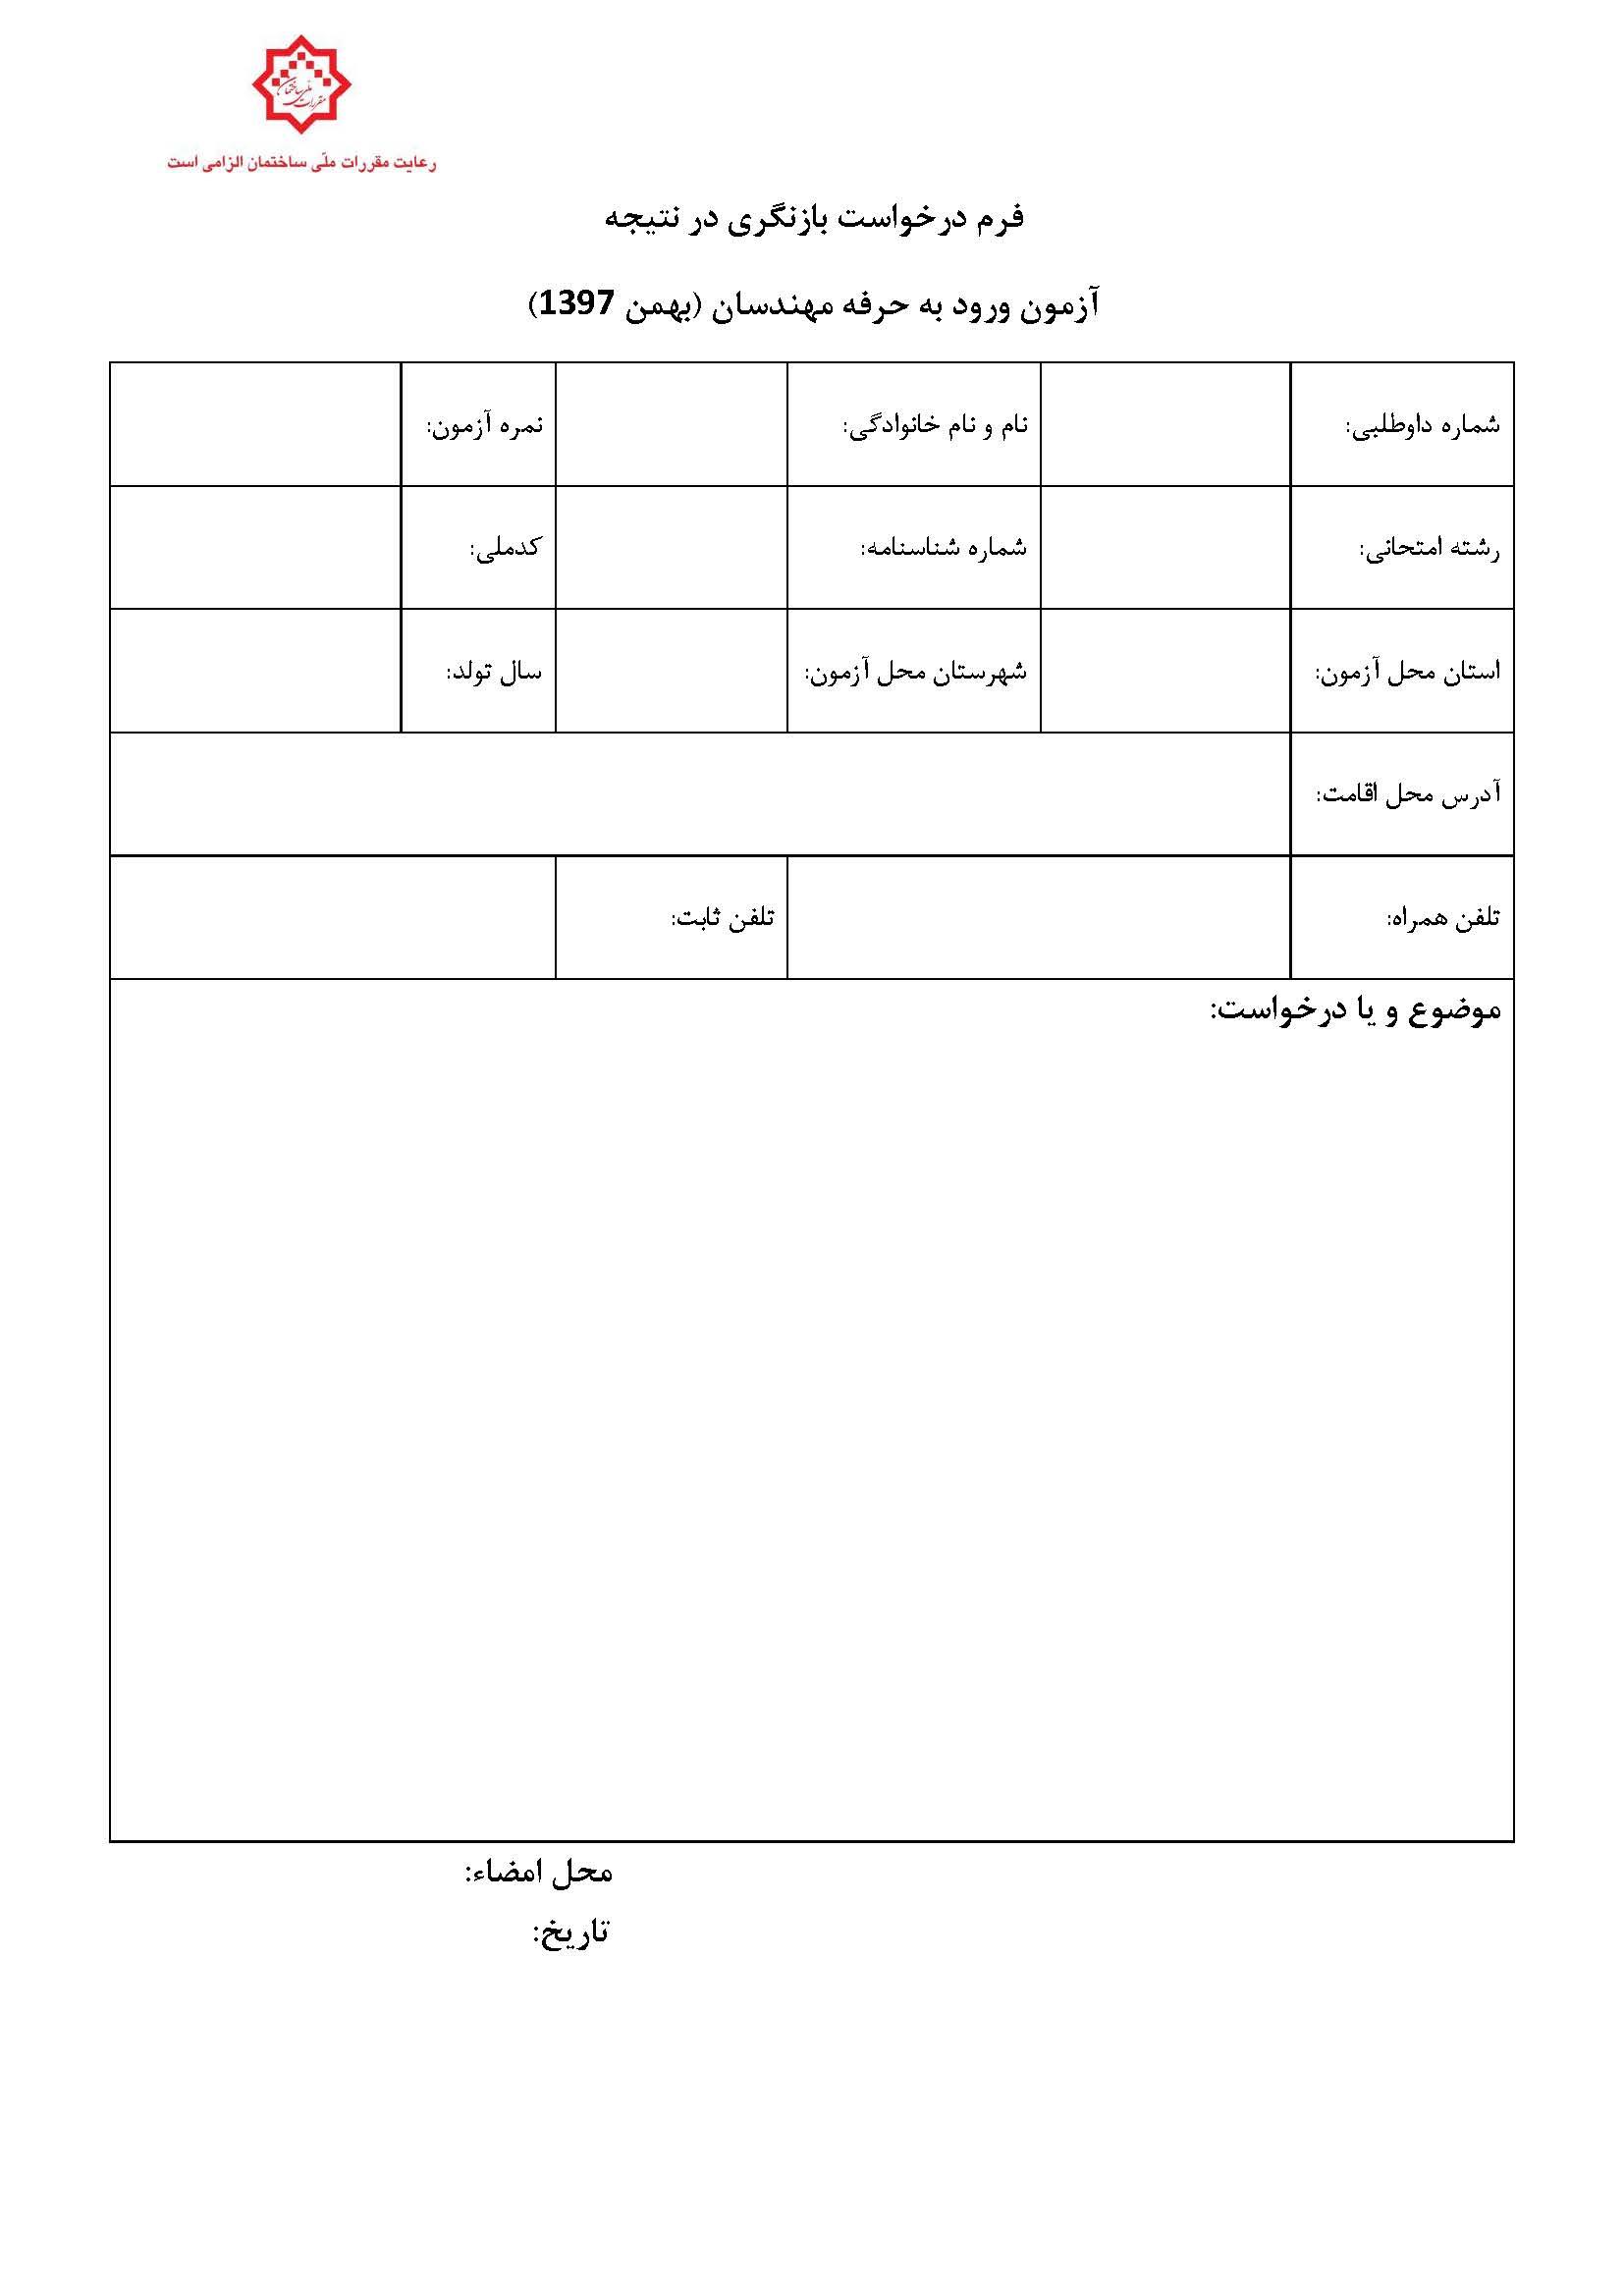 نحوه اعتراض به نتایج آزمون نظام مهندسی بهمن ۹۷ و نظام کاردانی و معماران تجربی